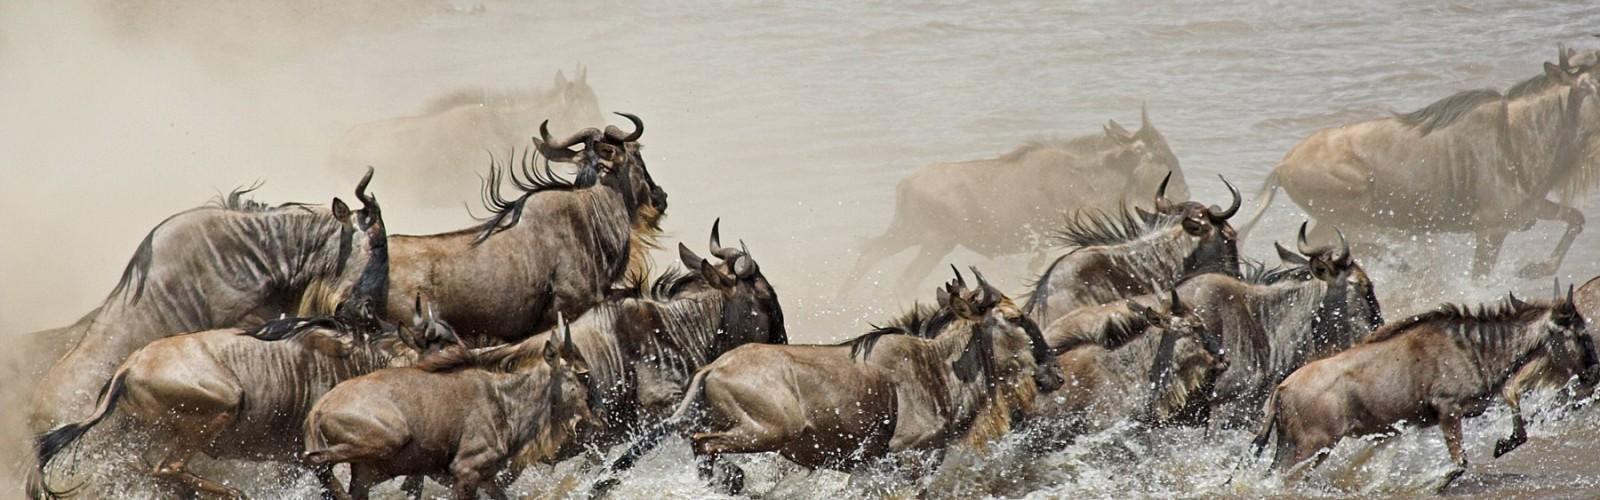 Safaris en Tanzania para Fotógrafos